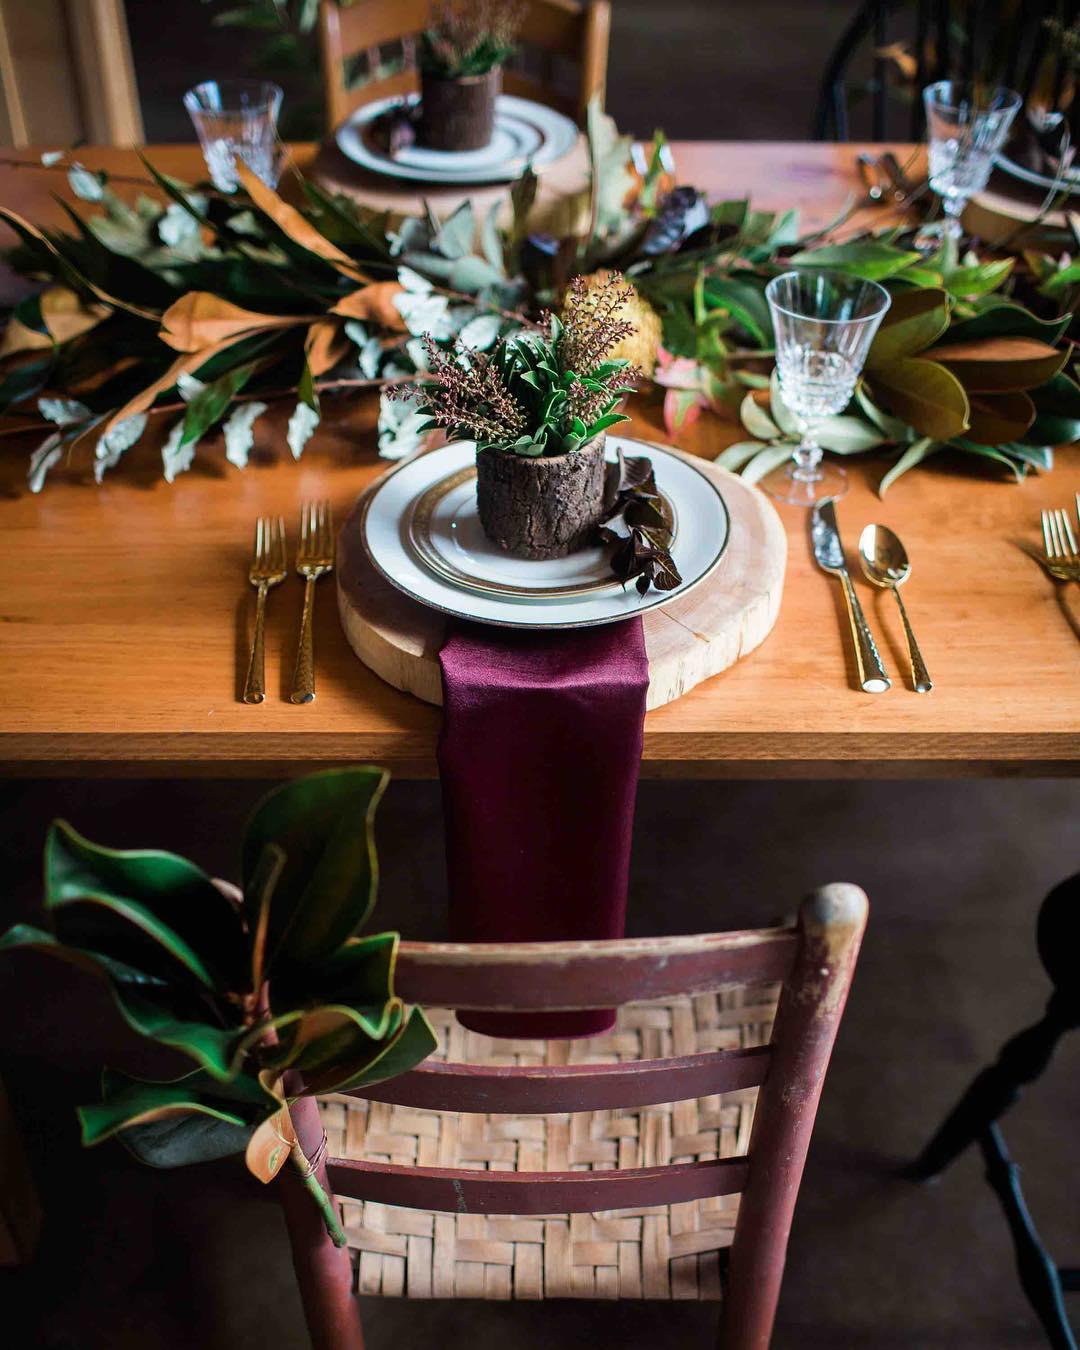 {rustic} photo | @abphotonh  #rustic #barnwedding #rusticwedding #nhwedding #natural #greenery #tablescape #placesetting #lotusfloraldesigns #weddingflorist #photoshoot